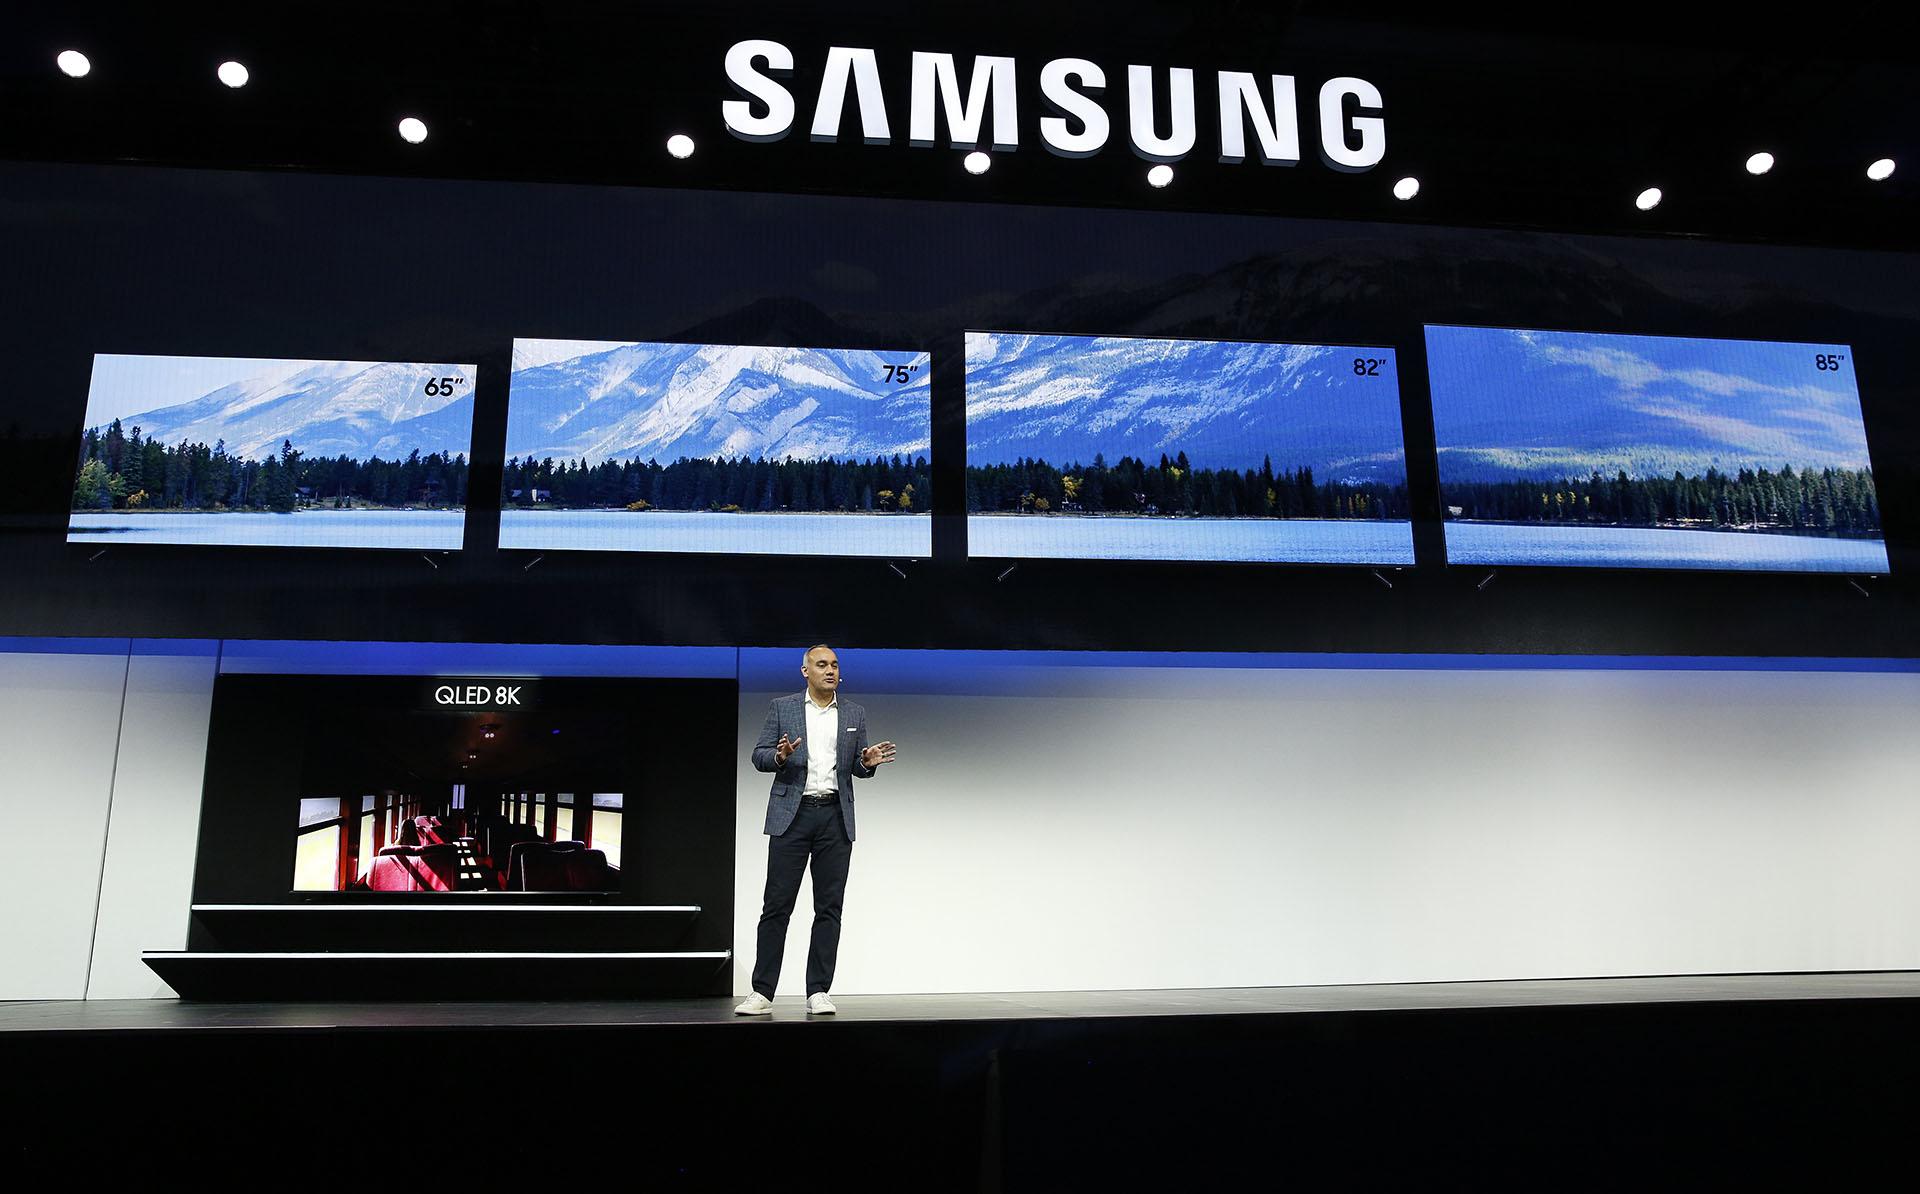 Samsung presentó su nueva línea de televisores, entre ellos el nuevo QLED 8K de 98″(AP)